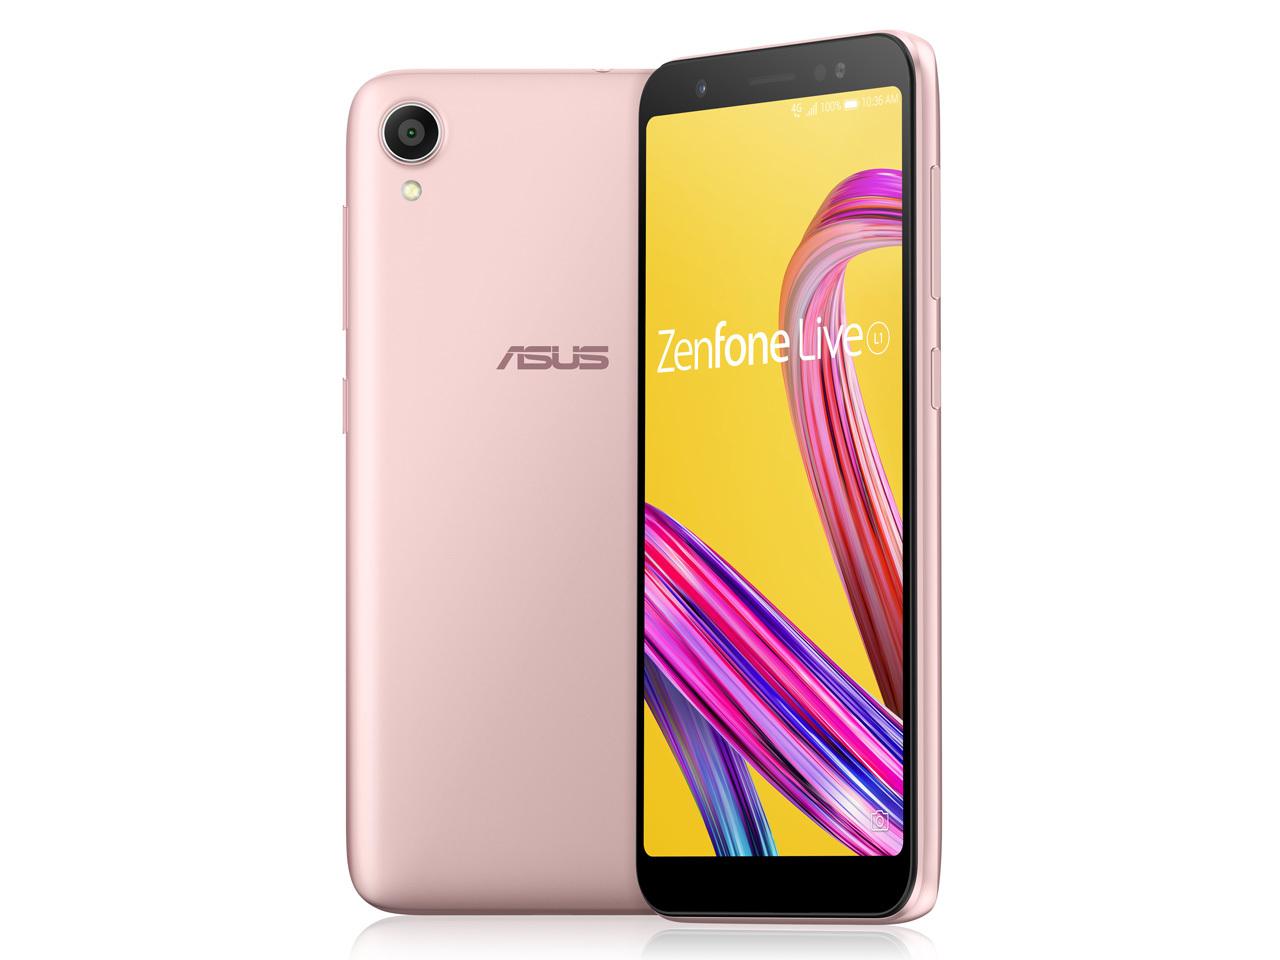 「新品 未開封品」SIMフリー ASUS ZenFone Live L1 ZA550KL pink [simfree]